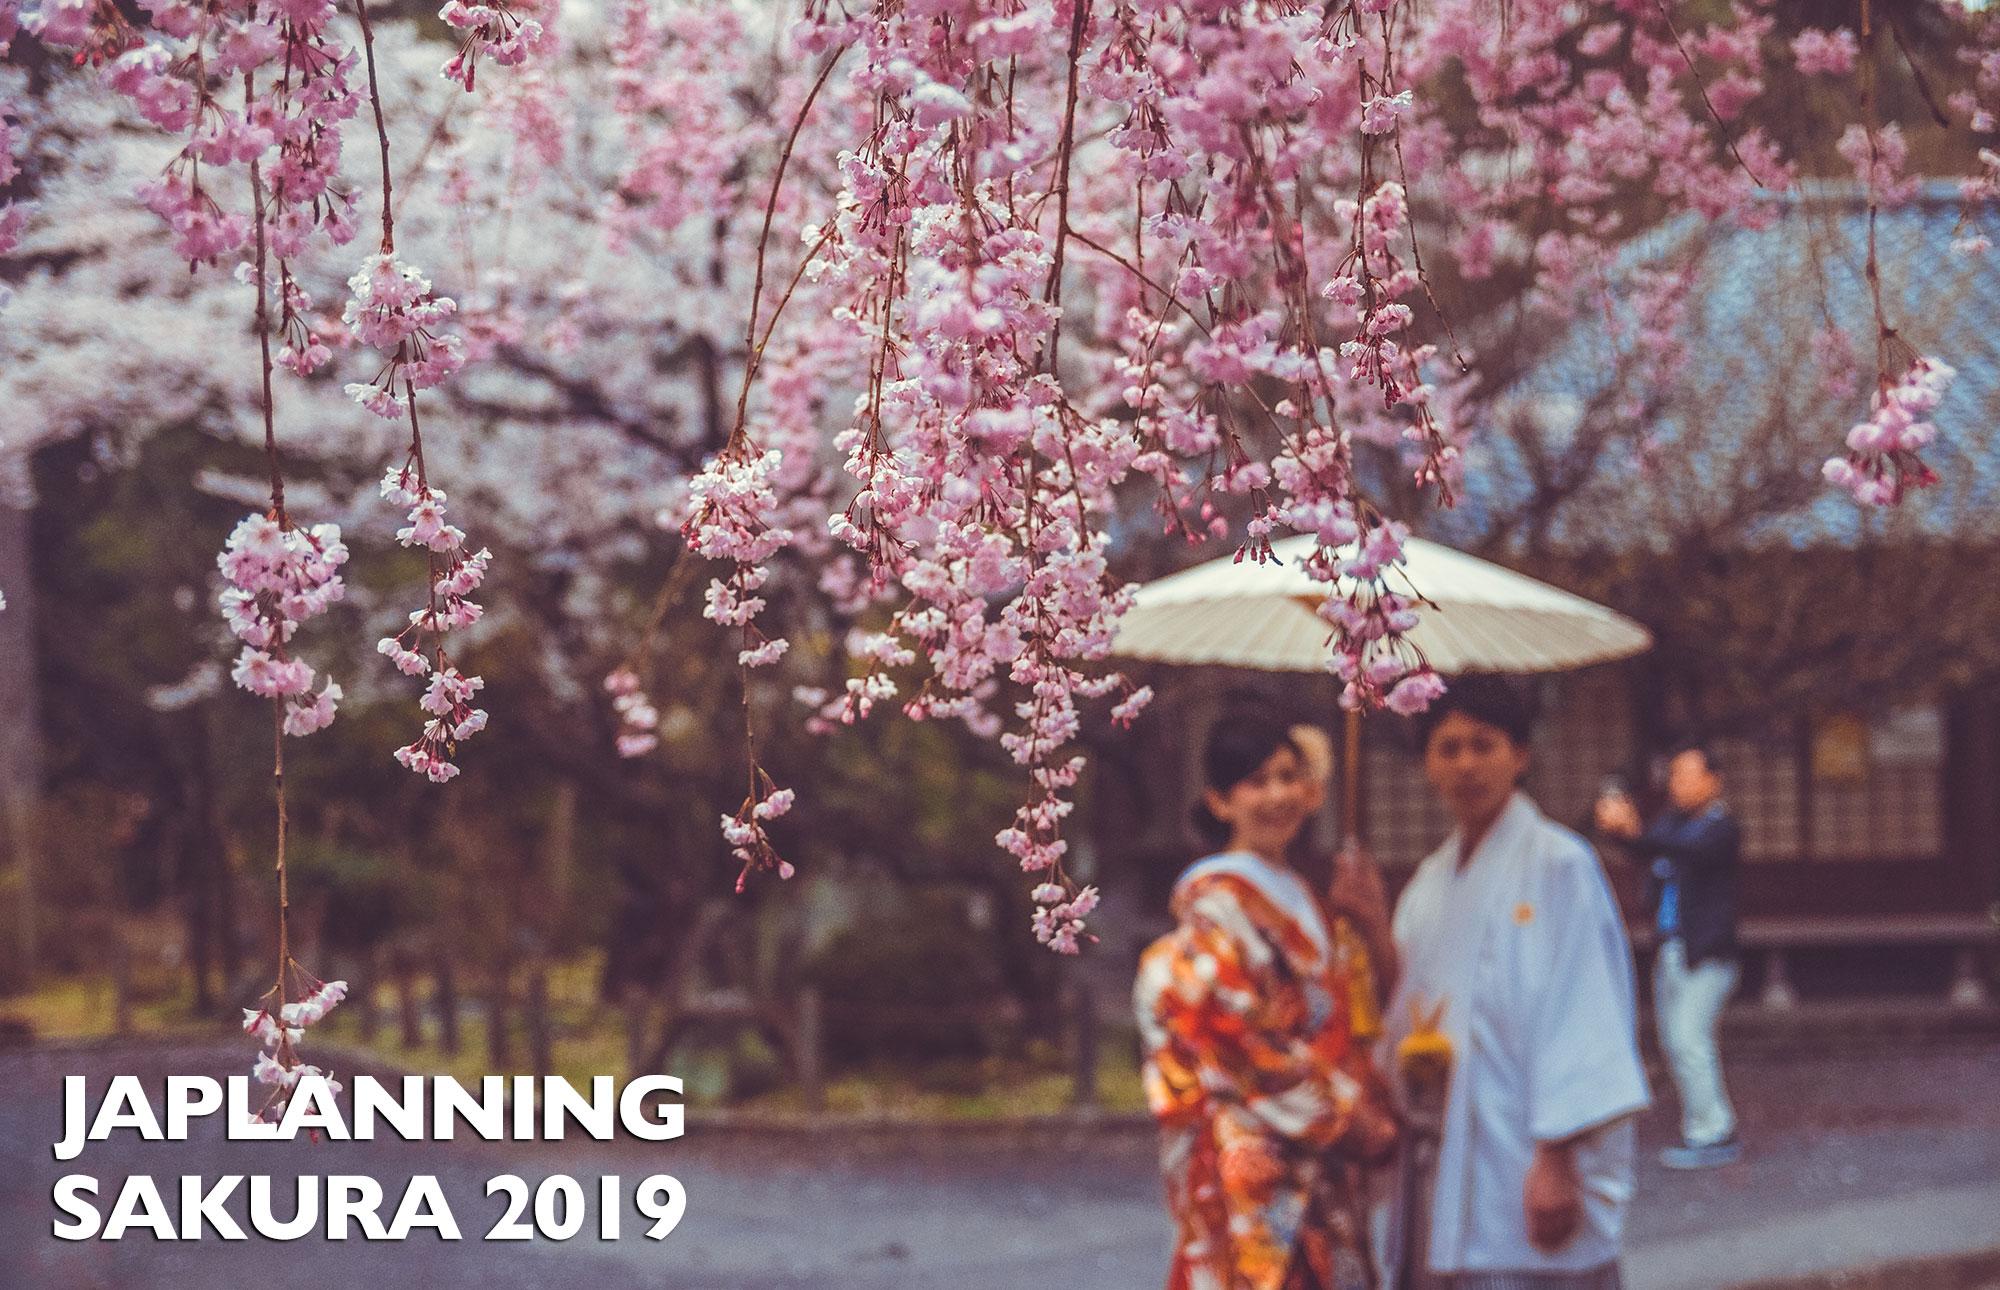 JAPAN SAKURA 2019